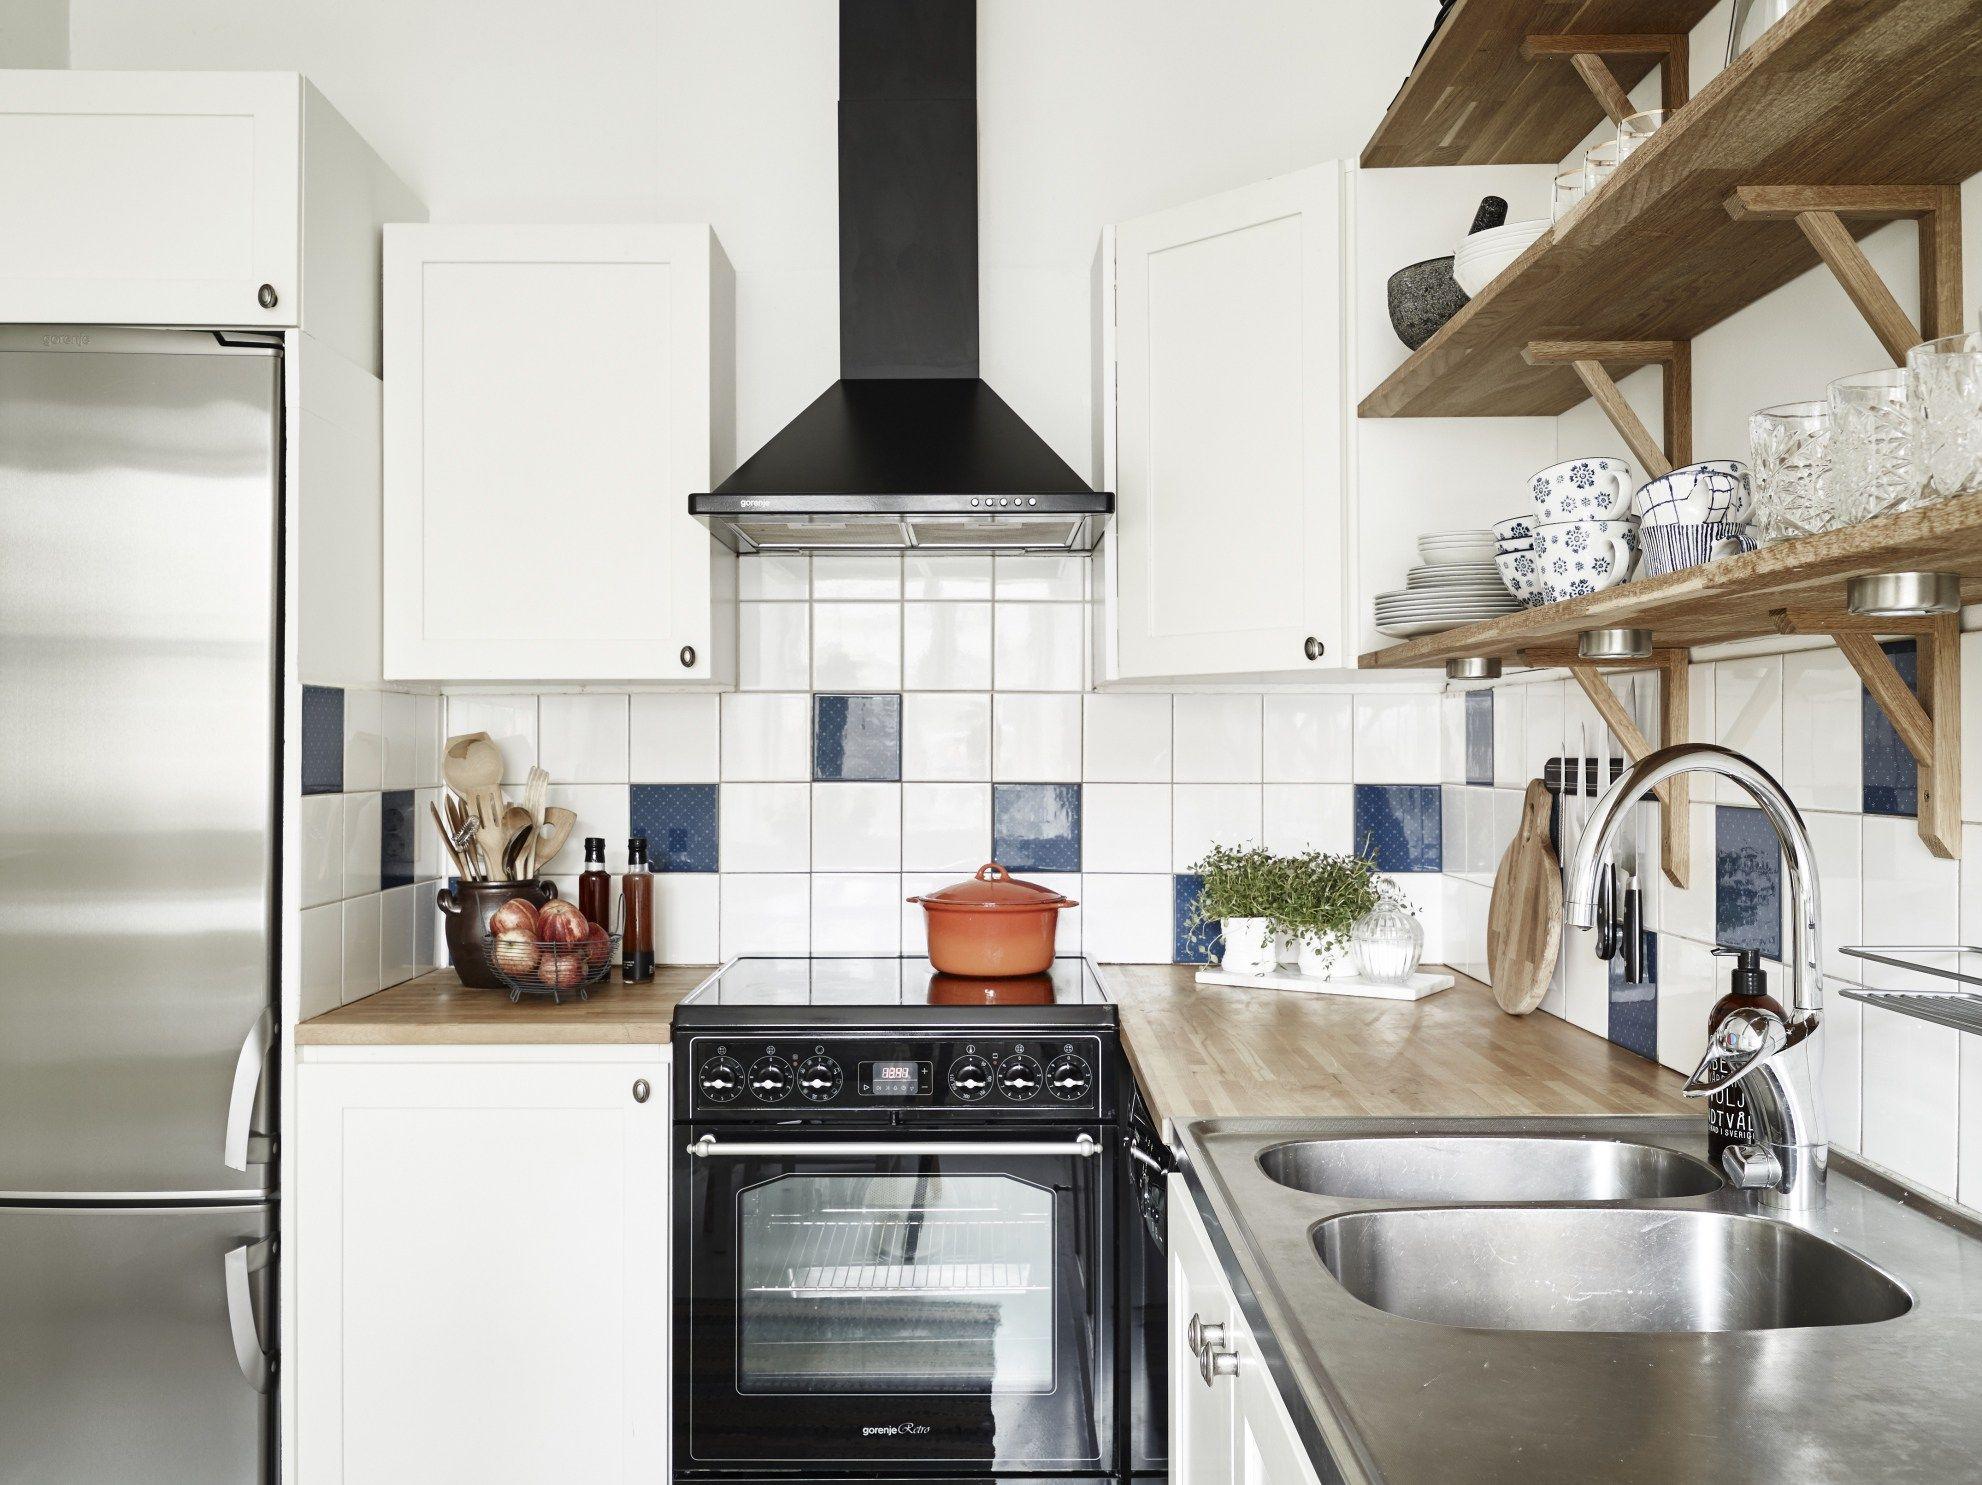 Planifica tu cocina affordable que mejor manera de for Planifica tu cocina online